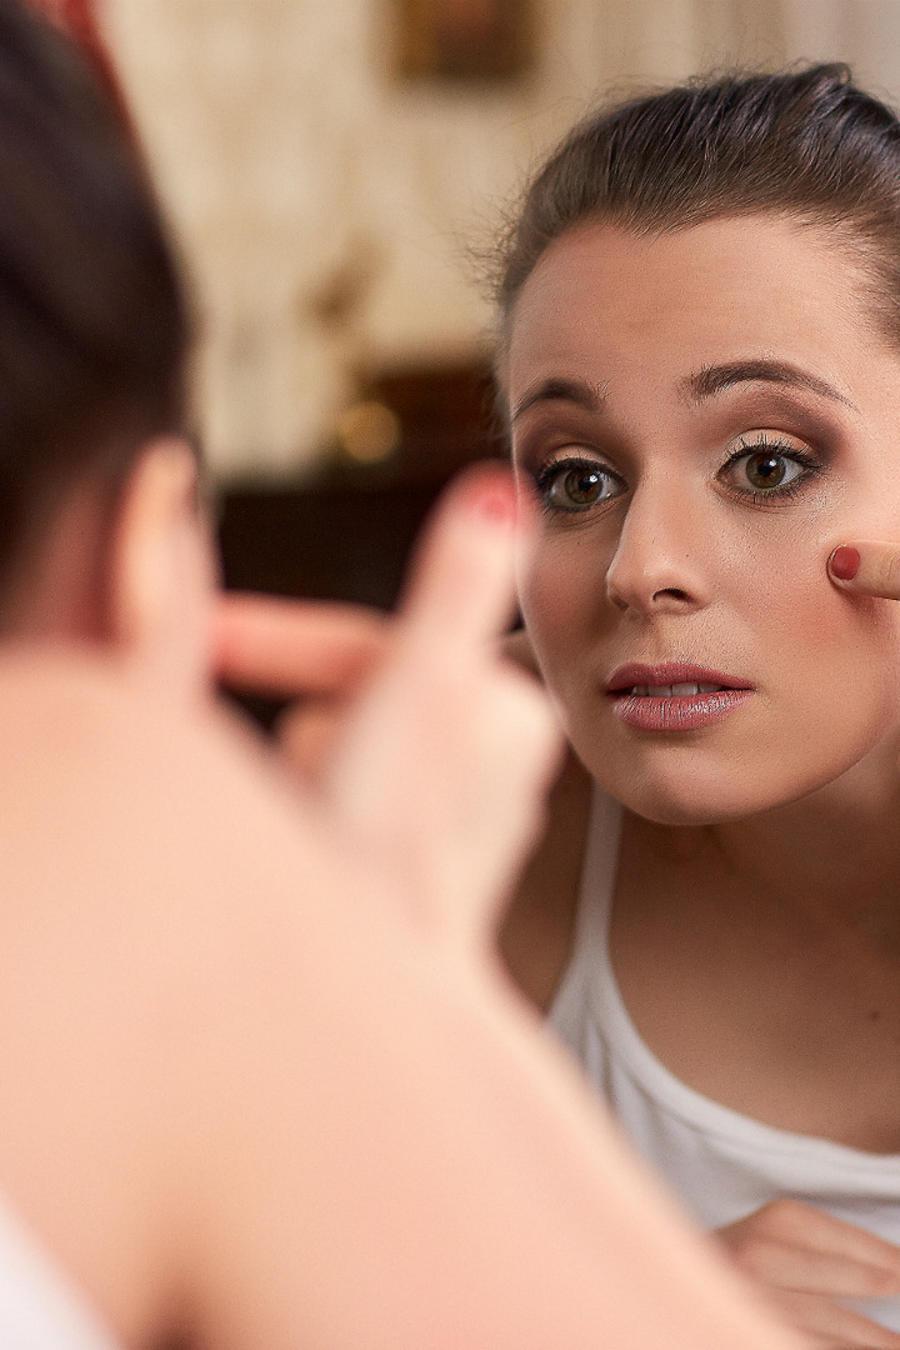 Mujer triste viendo un granito en el espejo.